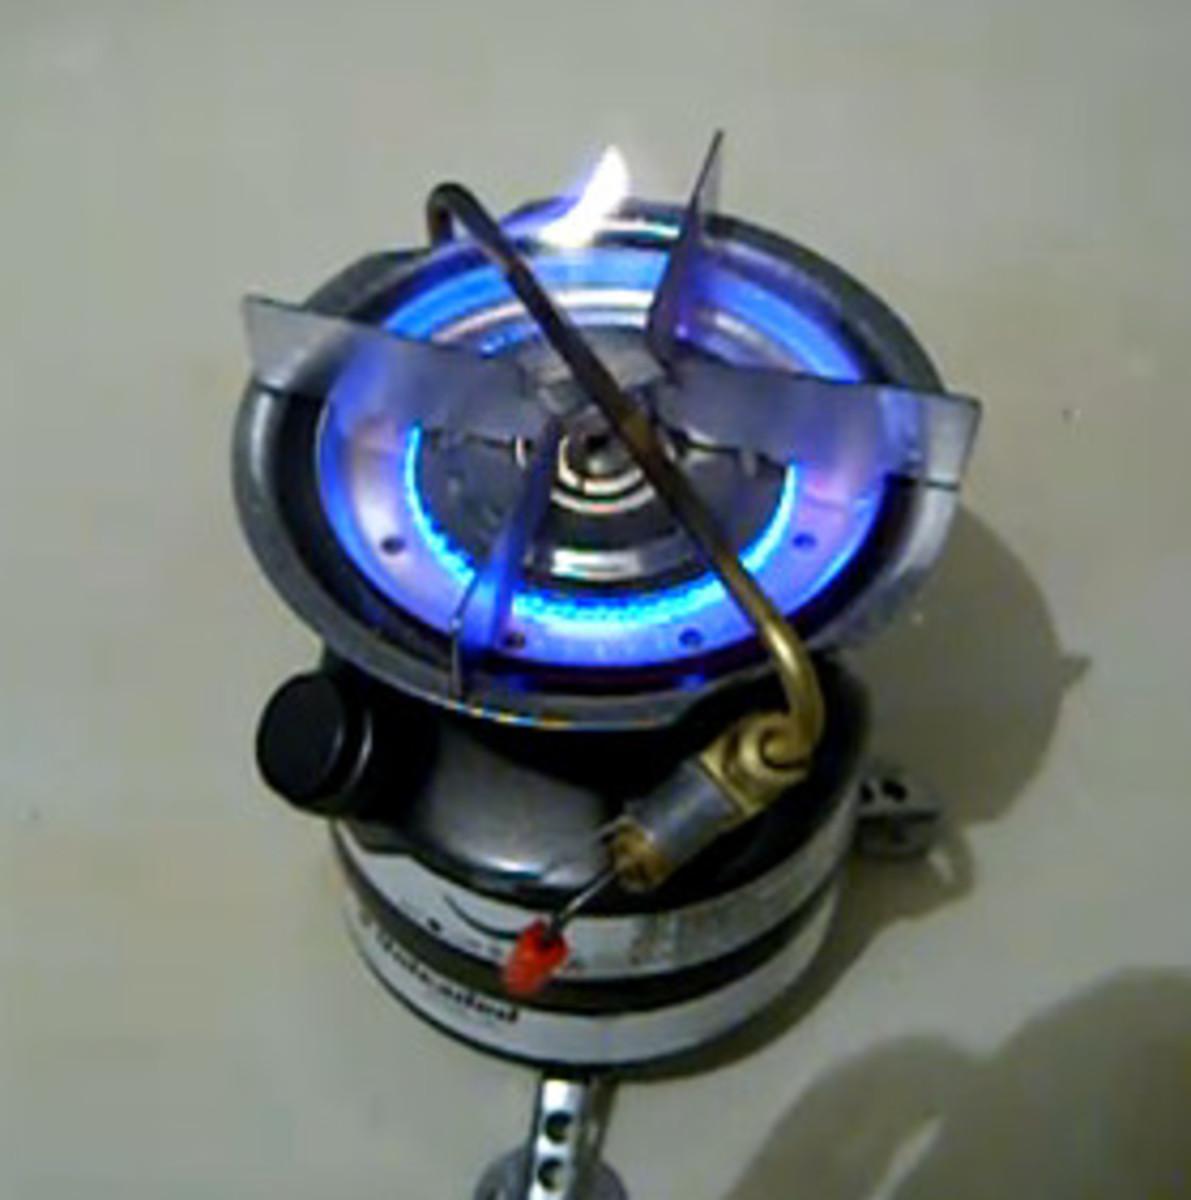 Lighting a Coleman Stove